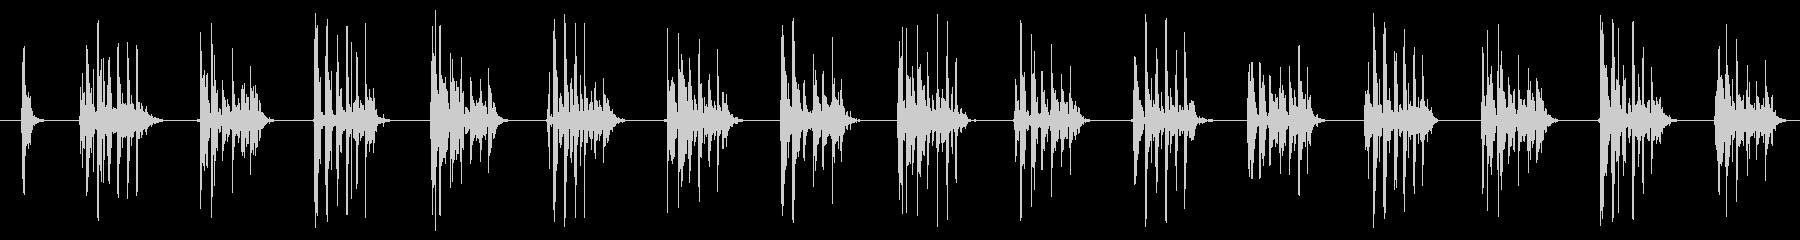 SCI FI マシンガン02の未再生の波形